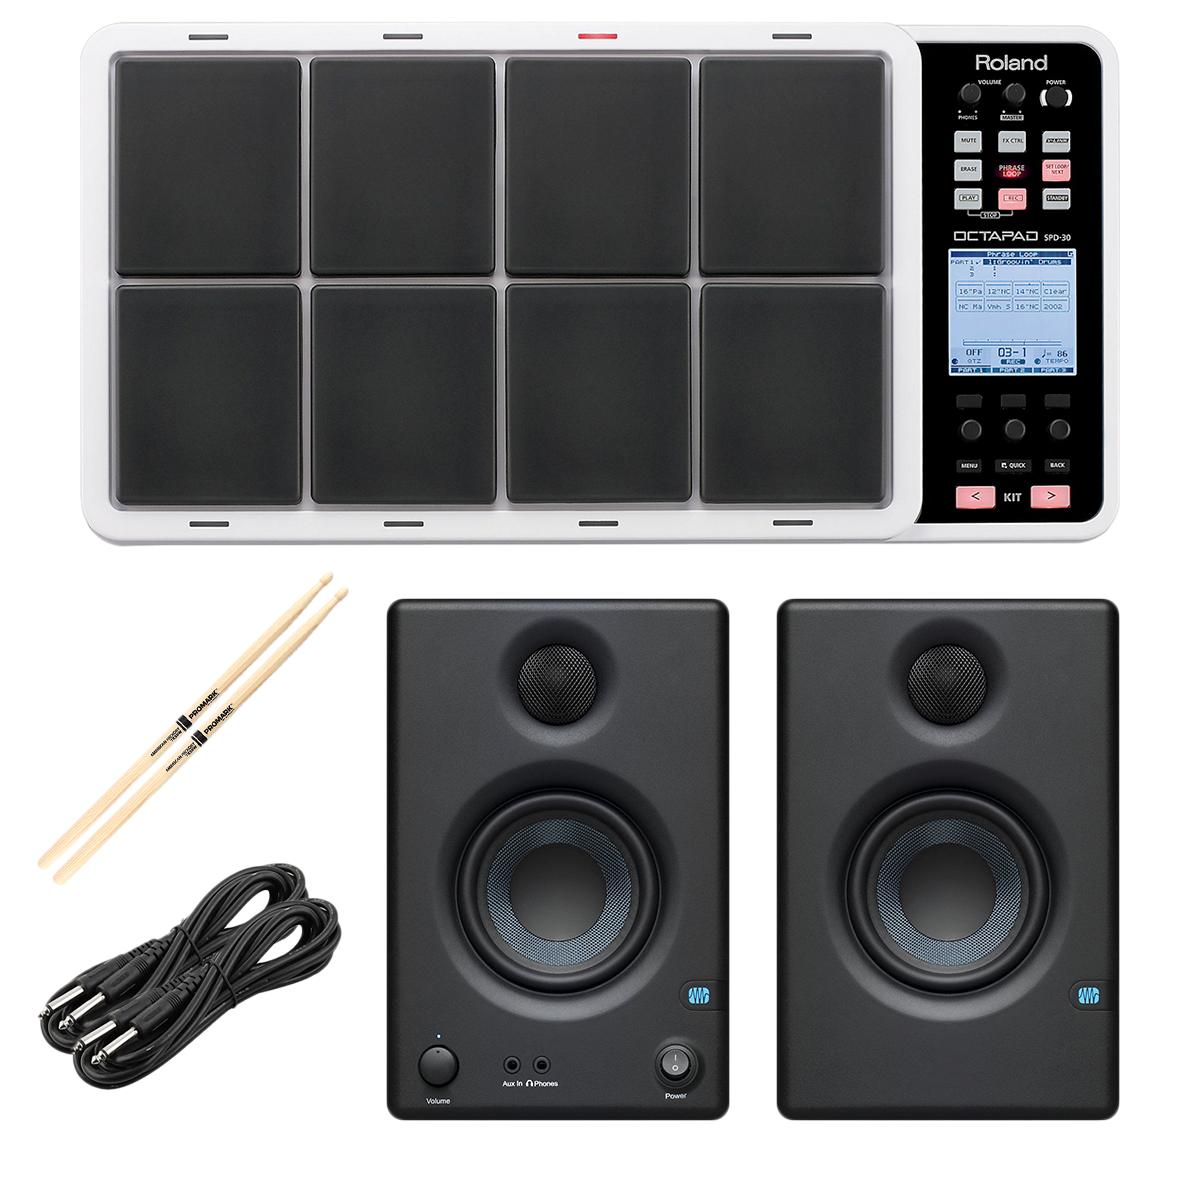 -8 Roland OCTAPAD SPD-30 White - Presonus ERIS3.5 Monitors - (2) 1:4 Cables - Drum Sticks - $749.99